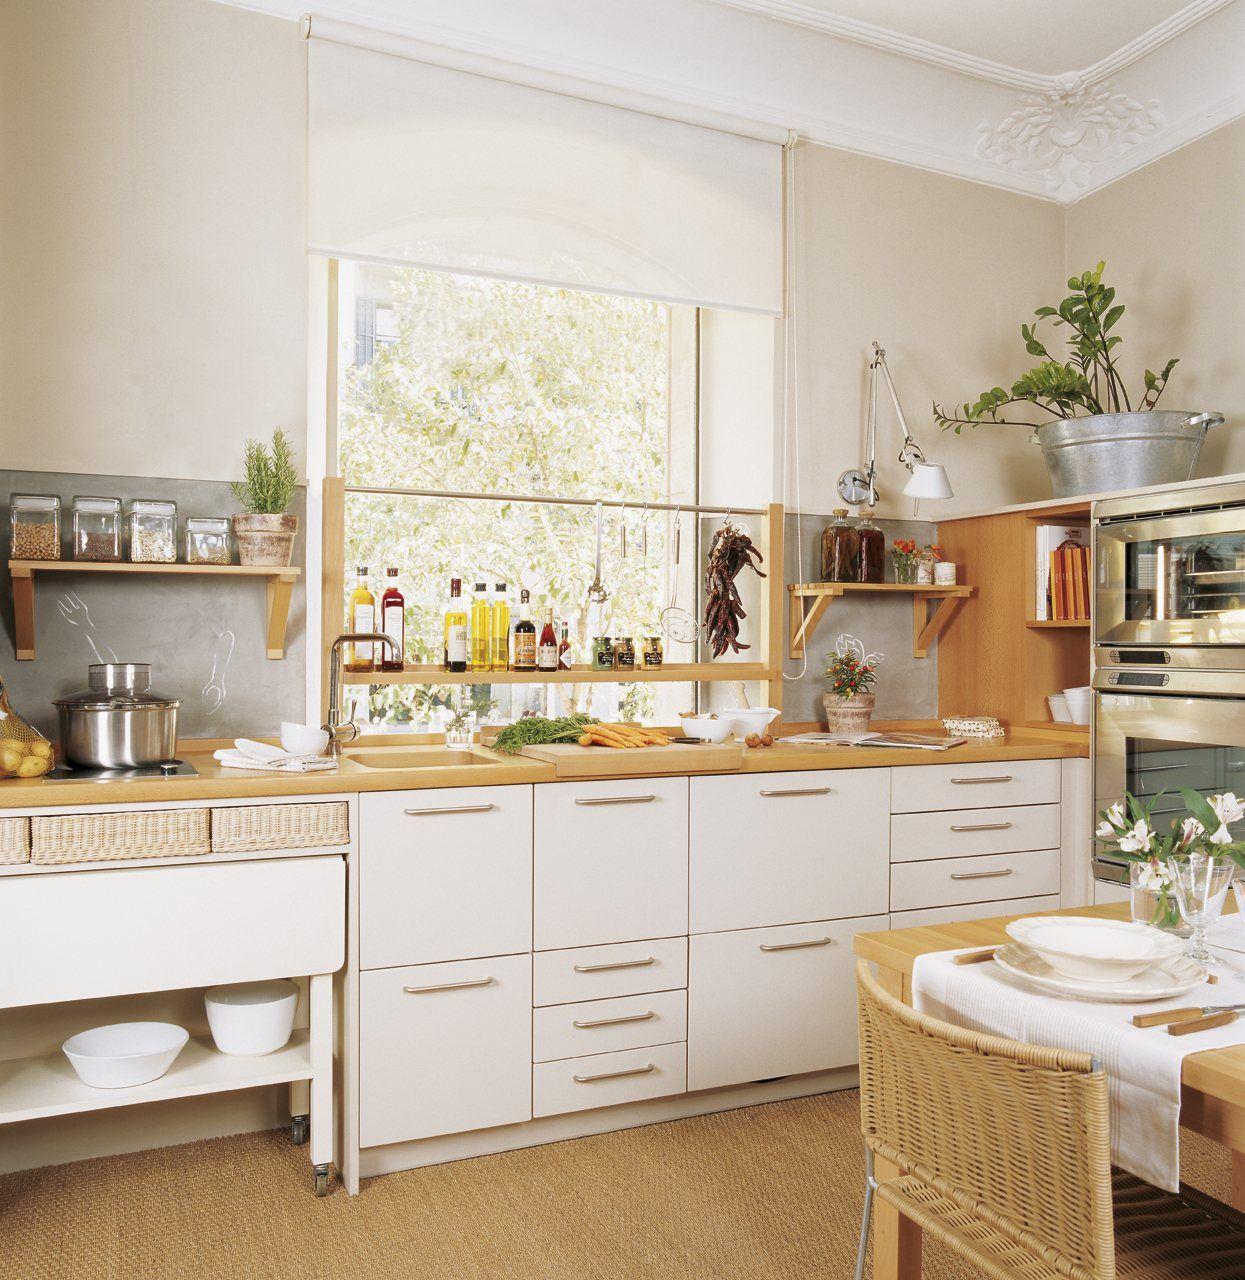 Las cocinas mas bonitas del mundo buscar con google - Las cocinas mas bonitas del mundo ...